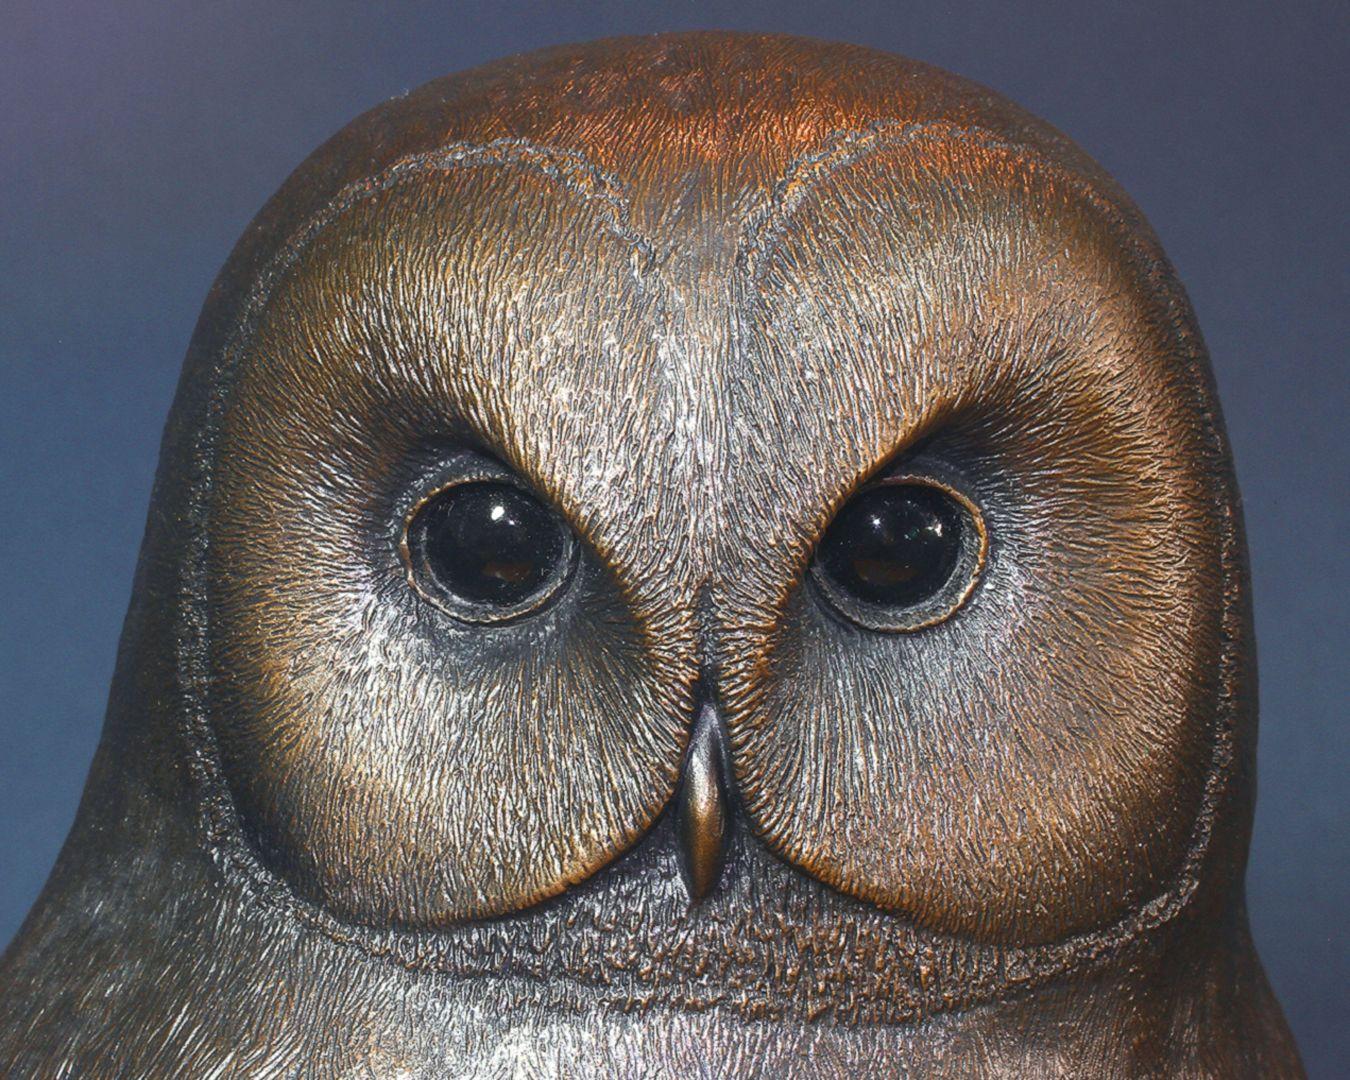 Tawny owl Face